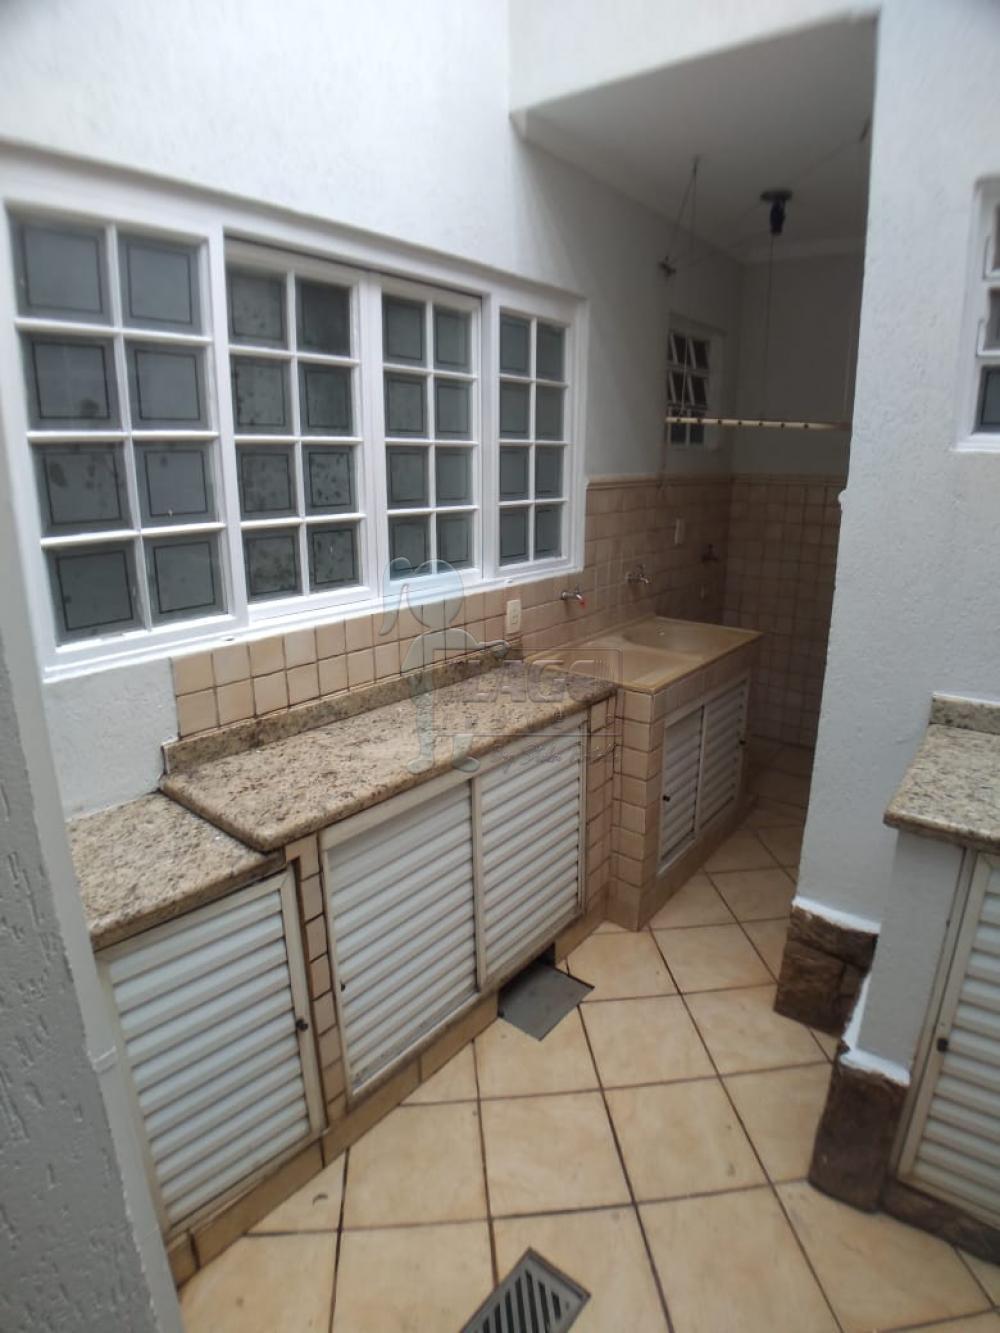 Alugar Casas / Condomínio em Ribeirão Preto apenas R$ 1.400,00 - Foto 11